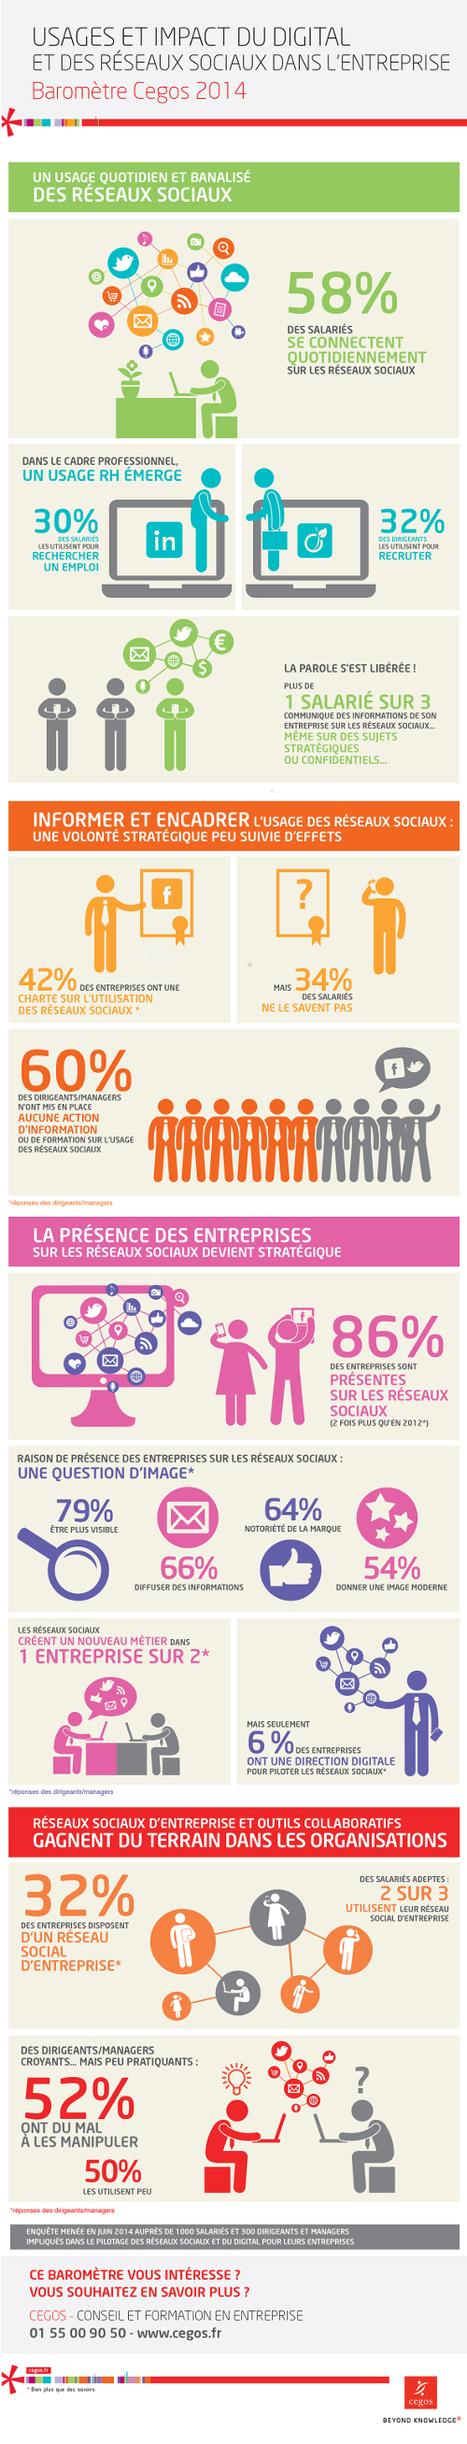 Transformation digitale : usages et impacts en entreprise | PLATO France | Scoop.it